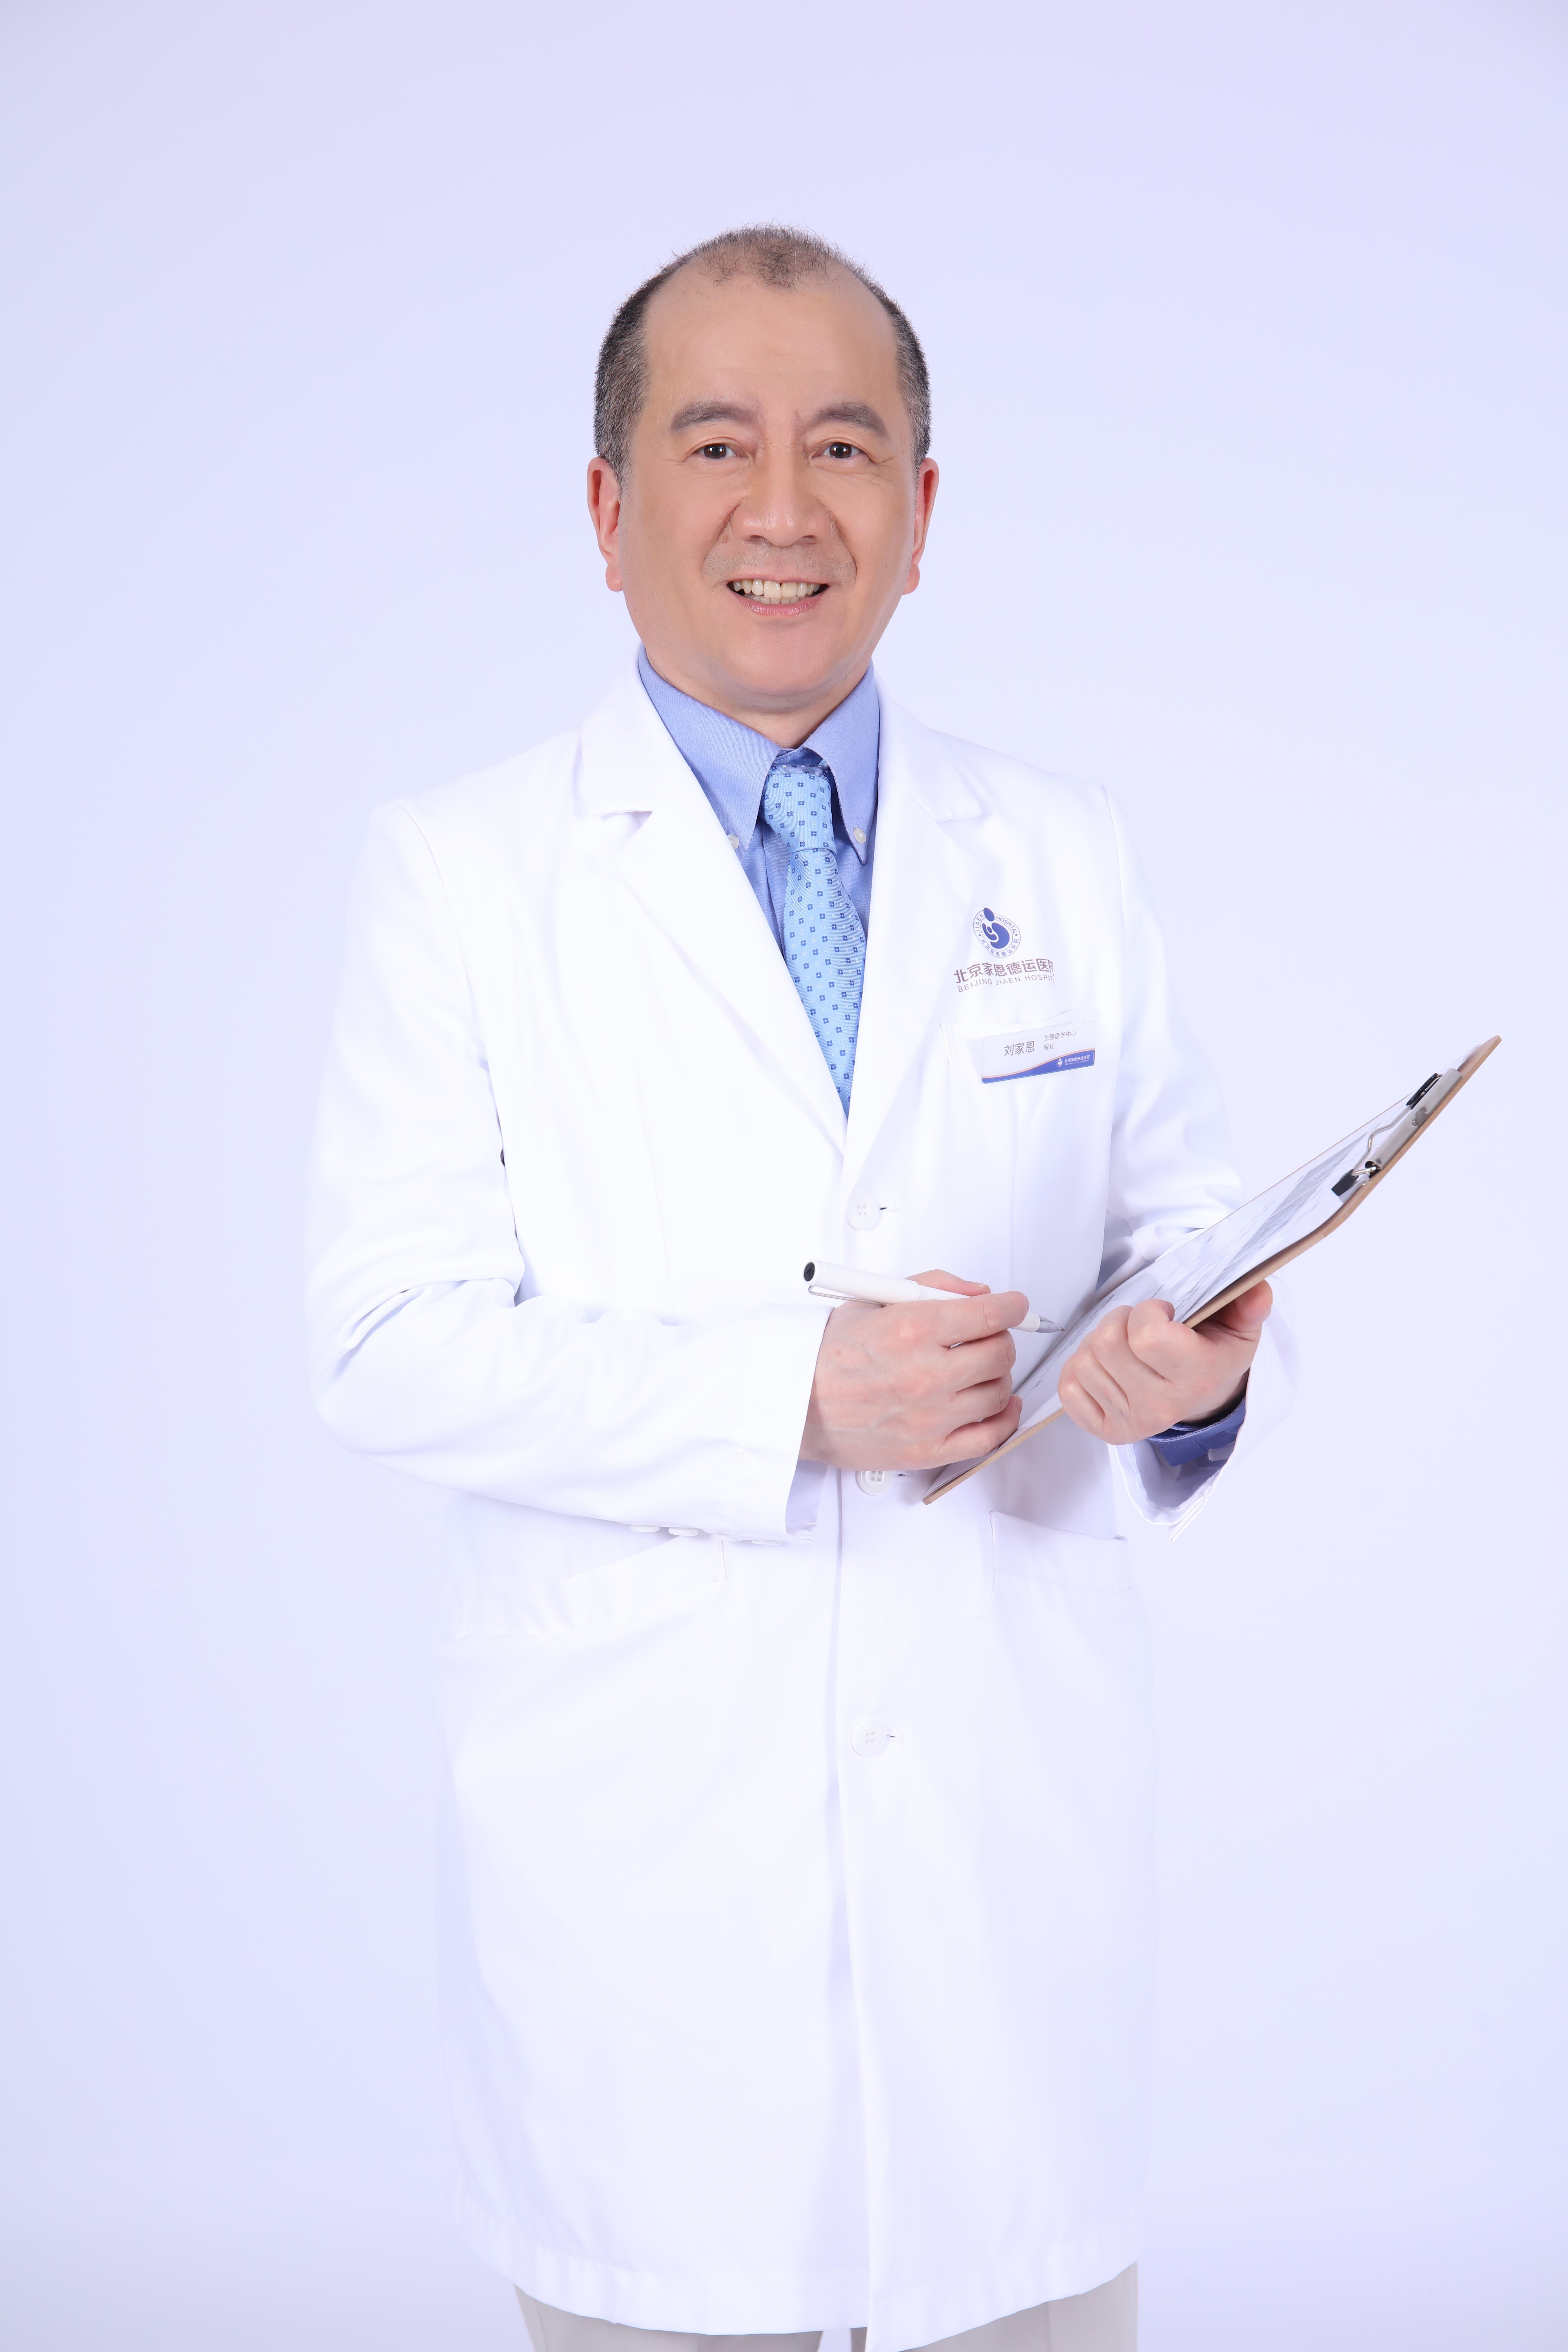 家恩德运刘家恩博士:中国社会进入生育低迷期,未来试管婴儿技术越发重要